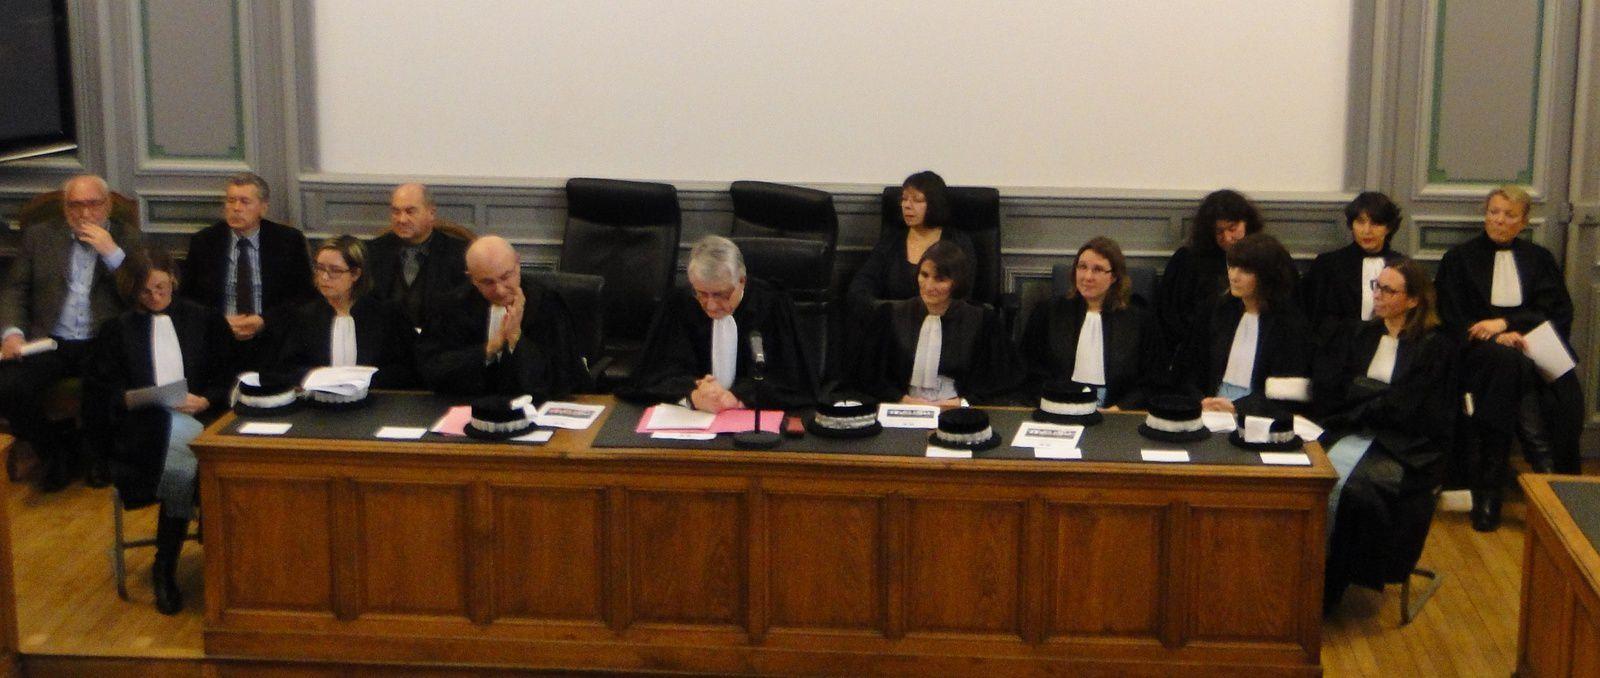 """Les magistrats du """"siège"""" entourent leur nouveau Président plongé dans son discours"""